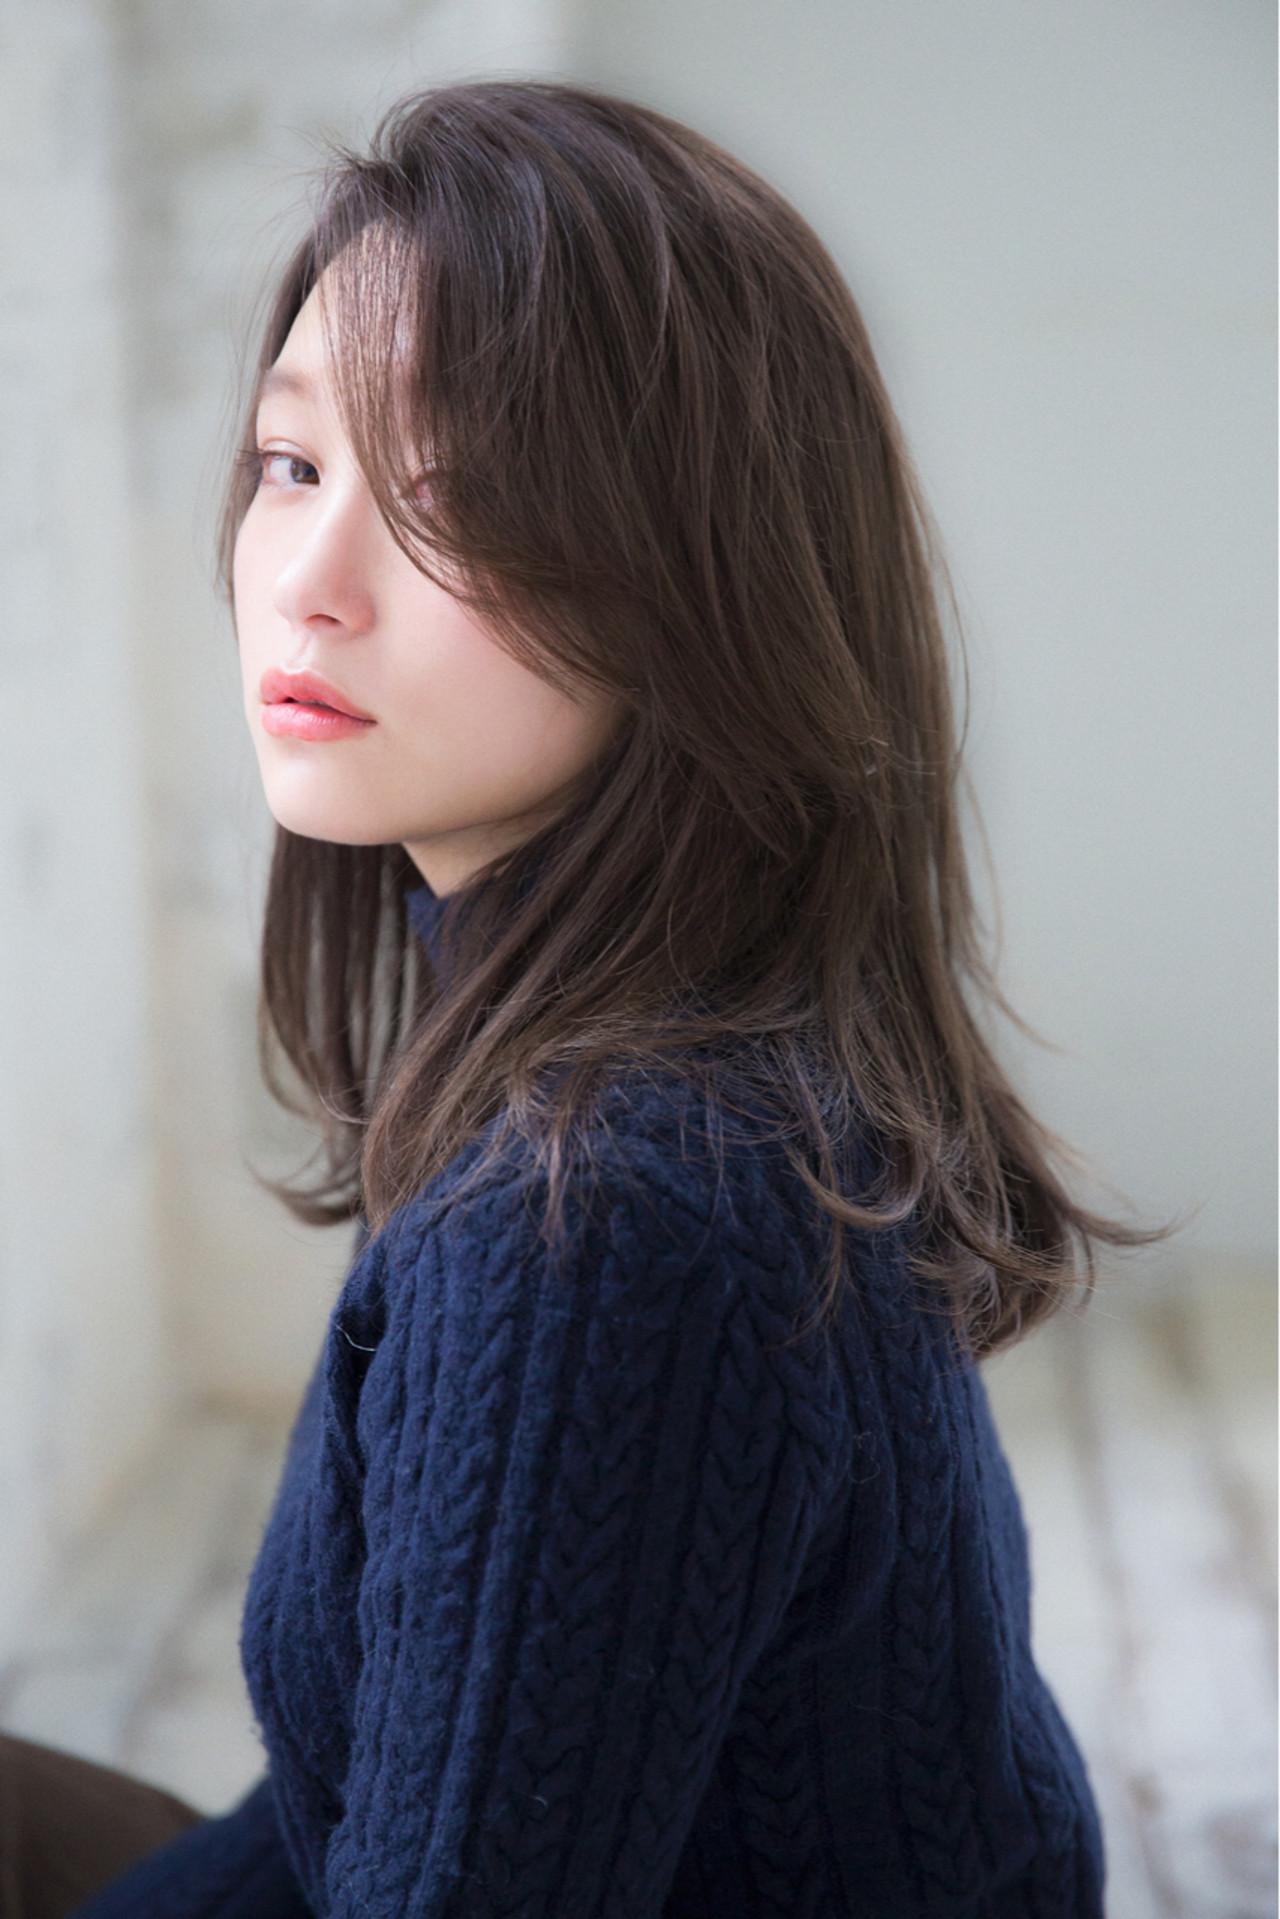 色落ちしない色、持ちやすい色もある? joemi by unami 森千里